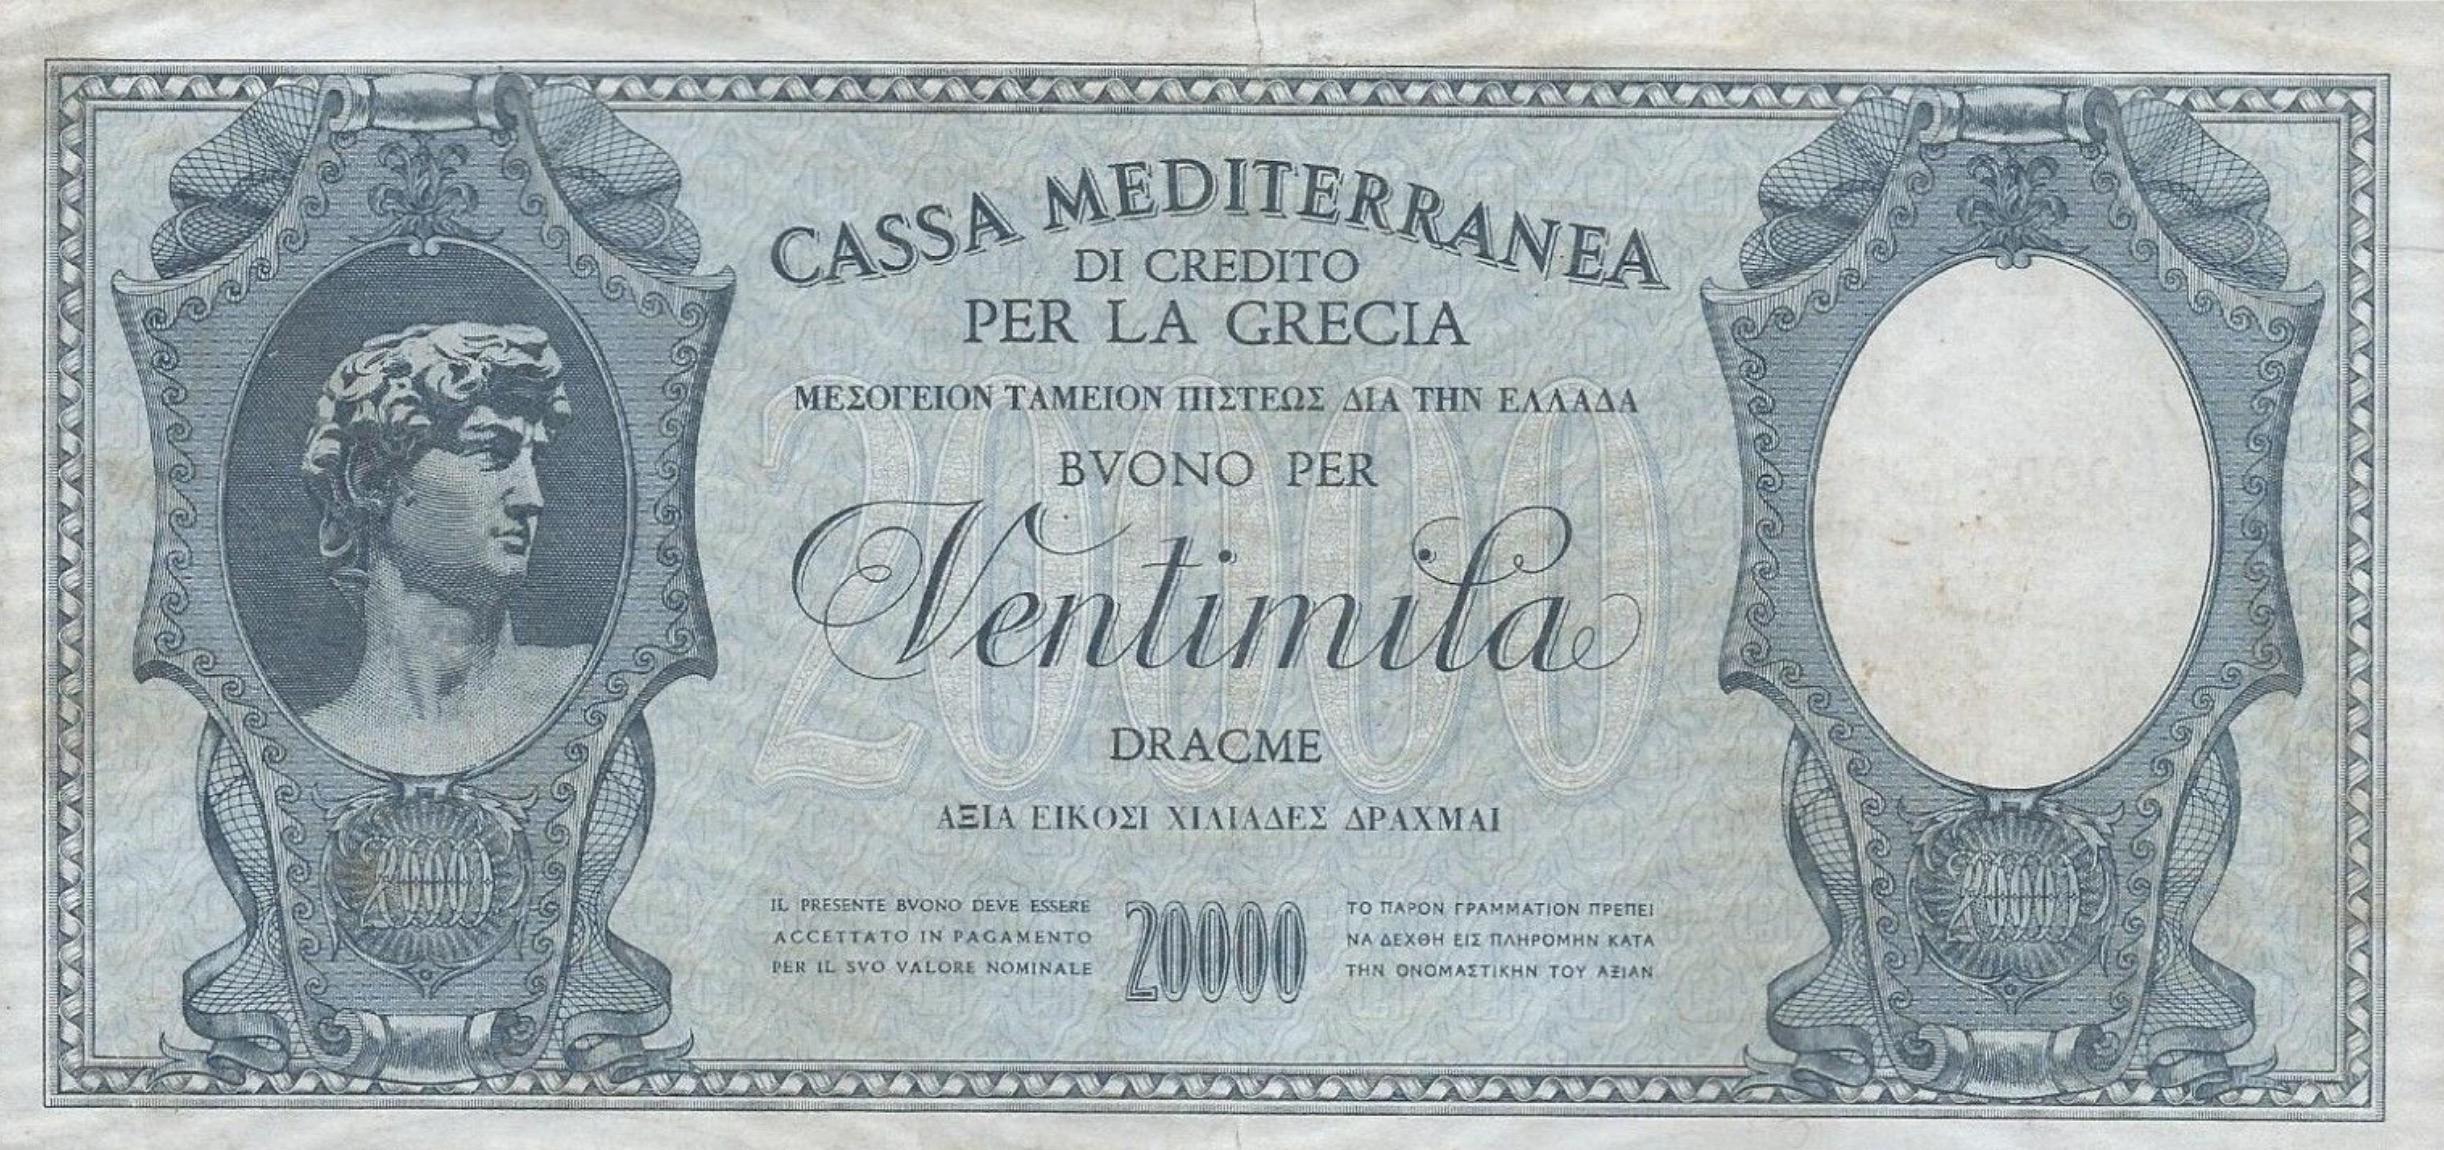 20000 Dracme Cassa Mediterranea banknote